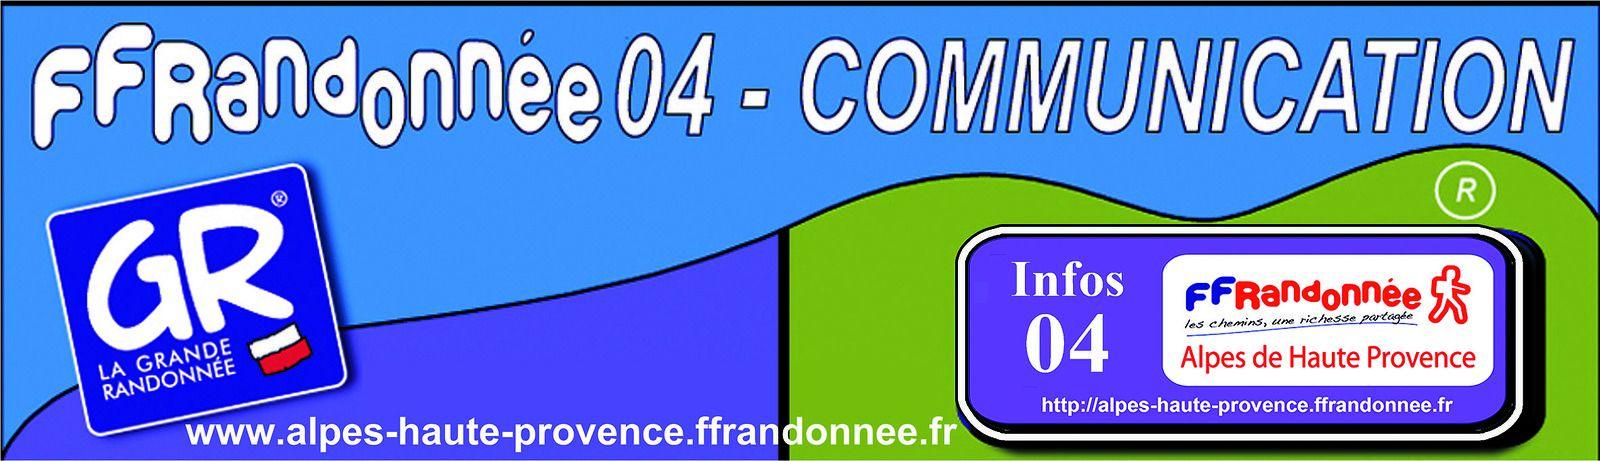 FEDERATION FRANCAISE de la RANDONNEE PEDESTRE 04 - Alpes de Haute Provence